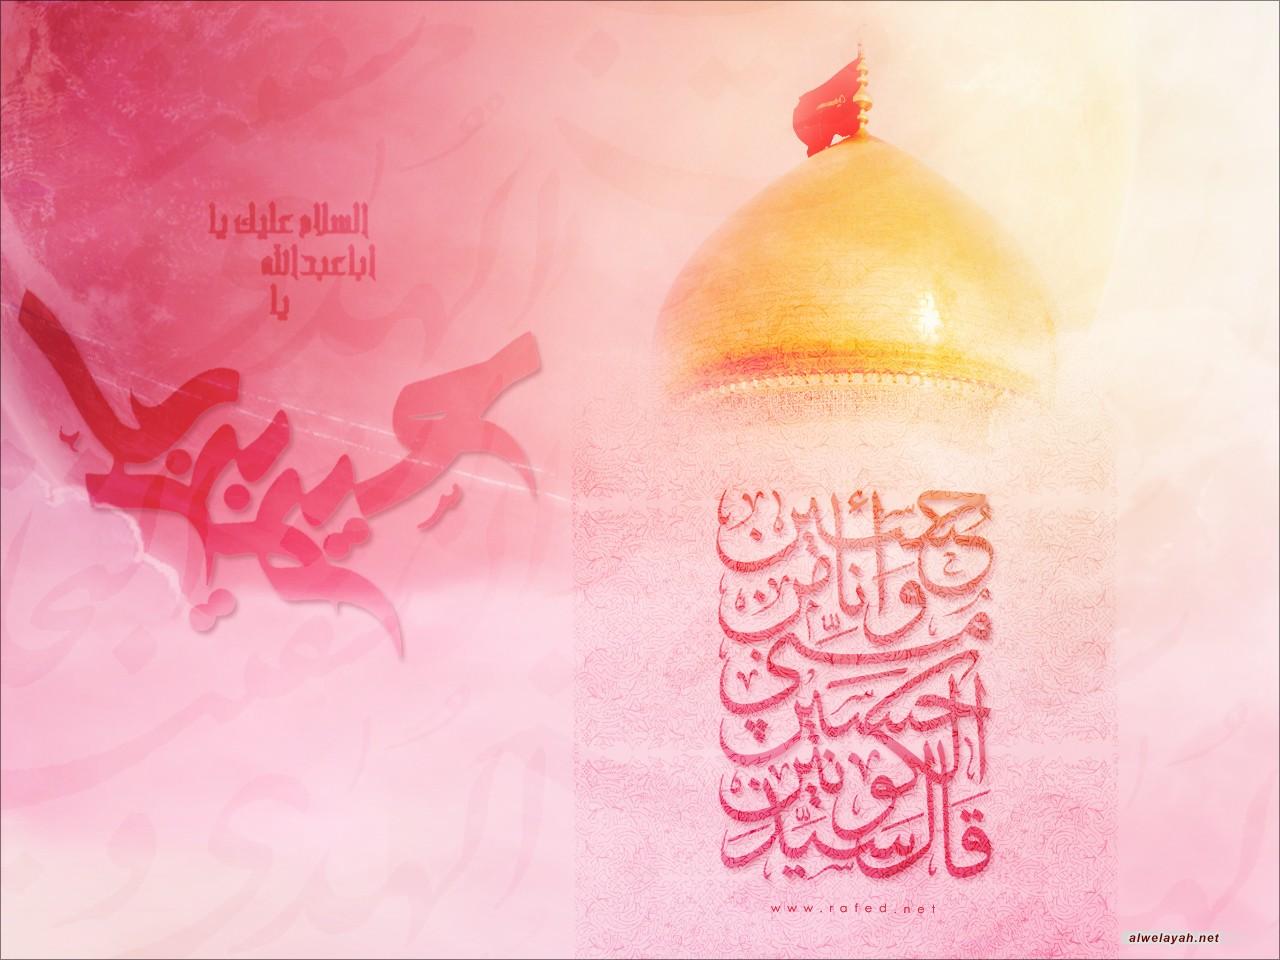 ذلكم الامام الحسين (عليه السلام)